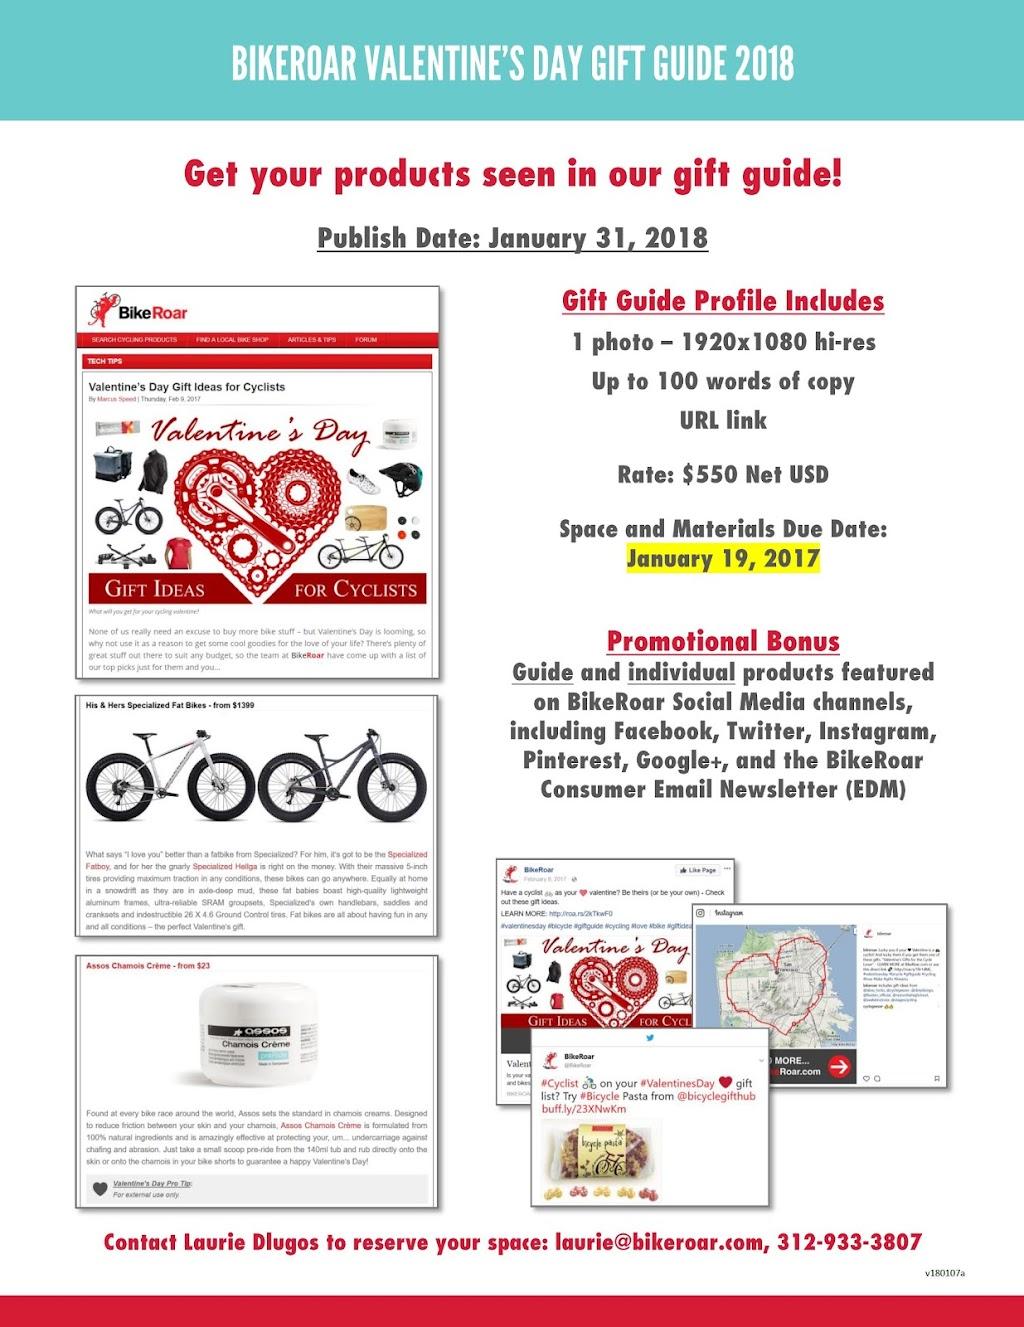 BikeRoar Valentine's Day Gift Guide 2018